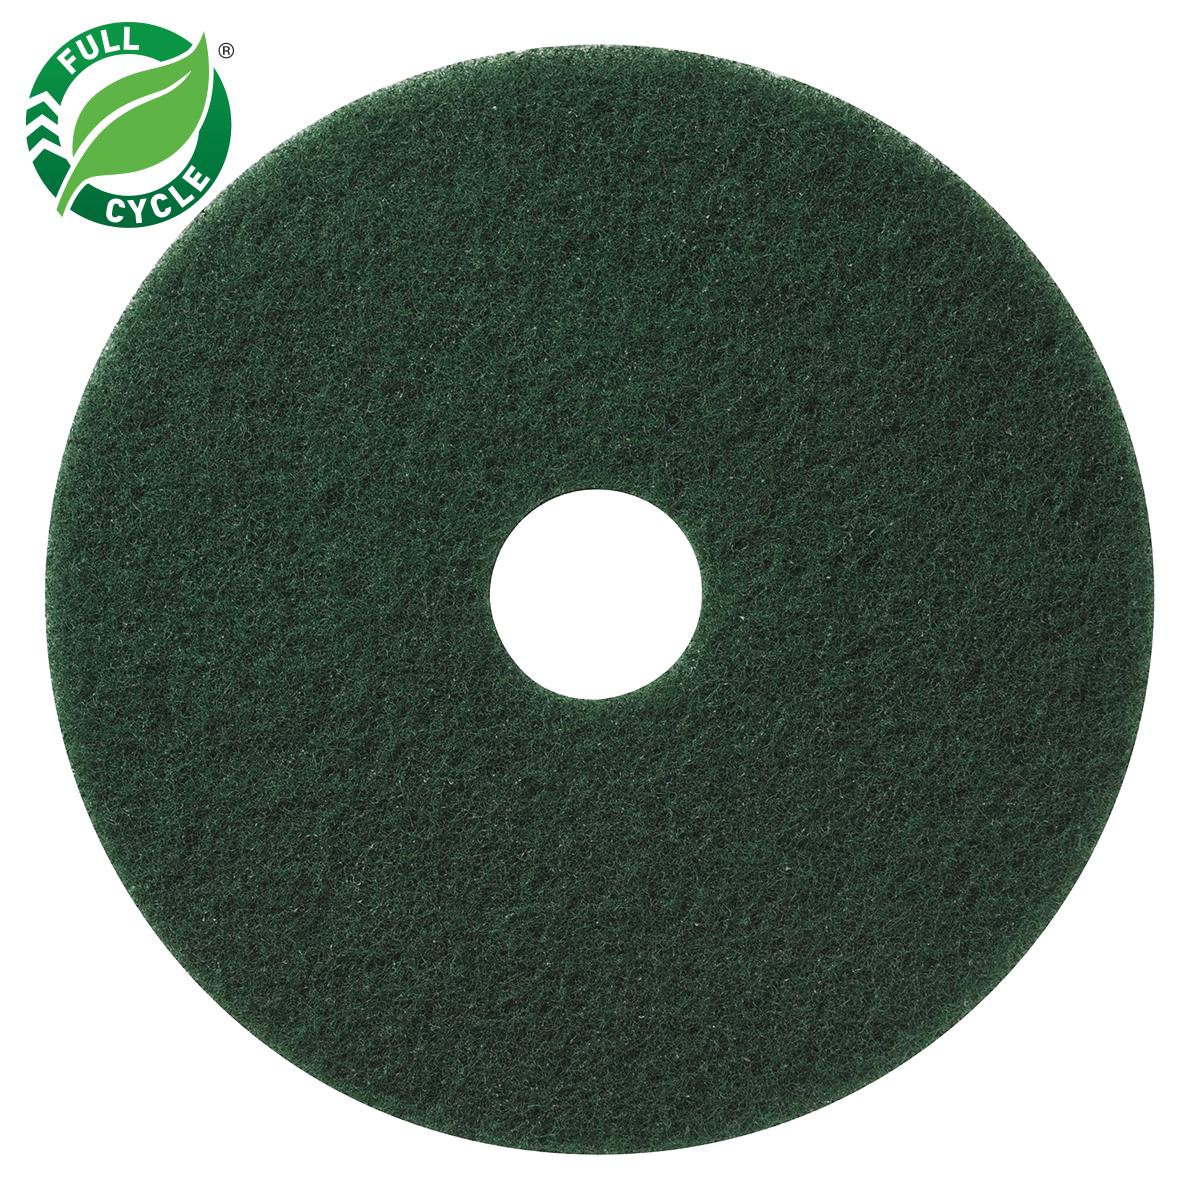 """10"""" Green Floor Scrubbing Pads, 5/cs"""